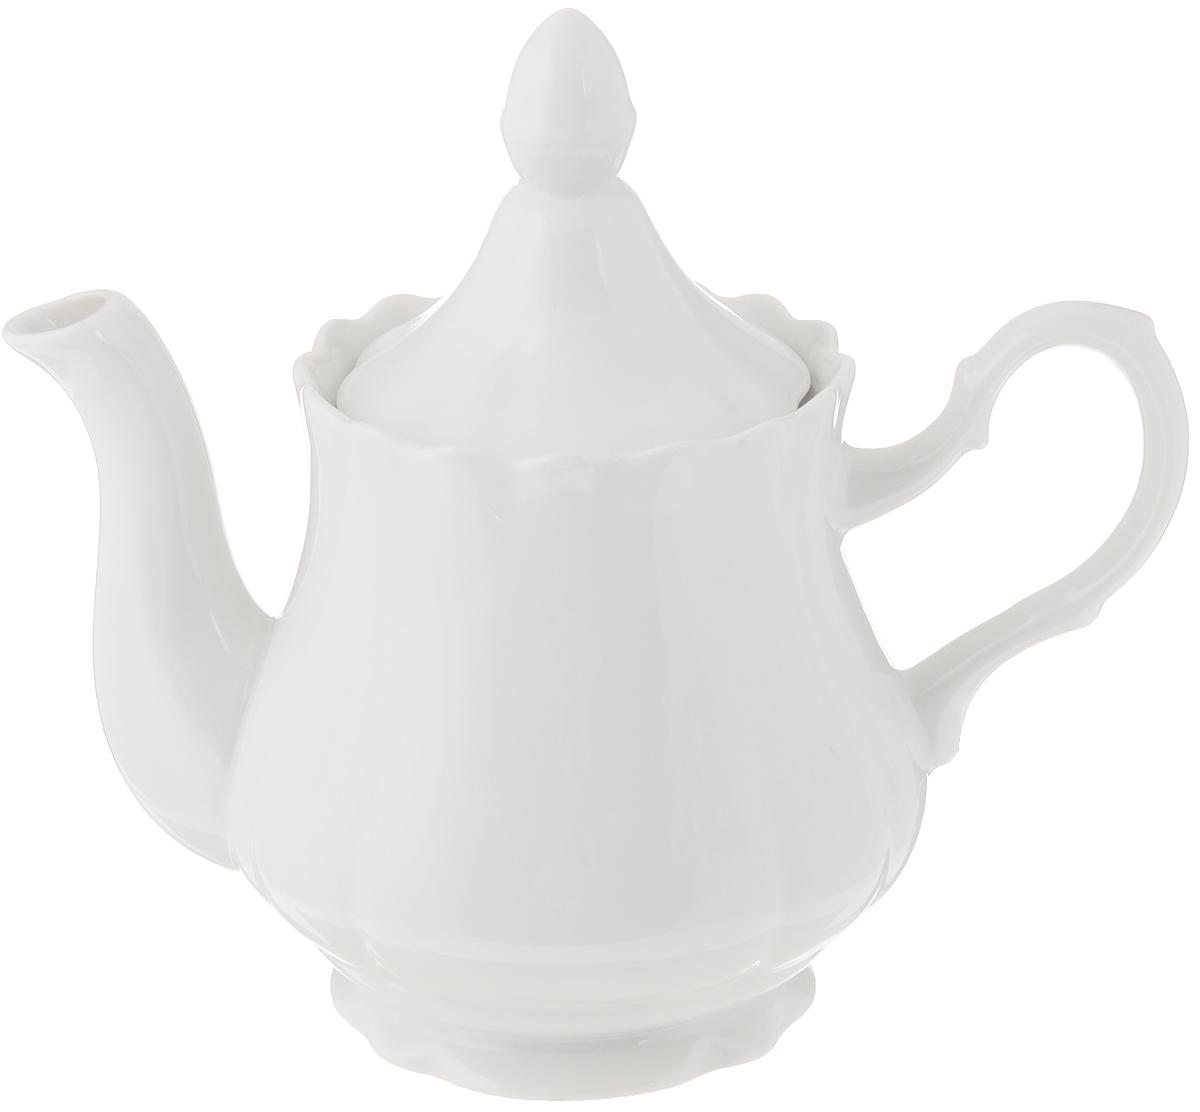 Чайник заварочный Добрушский фарфоровый завод Романс, цвет: белый, 800 мл6C0095Ф34Заварочный чайник Романс выполнен из высококачественного фарфора и покрыт сверкающей глазурью. Изделие оснащено крышкой. Заварочный чайник Романс придется по вкусу и ценителям классики, и тем, кто предпочитает современный стиль.Диаметр (по верхнему краю): 9 см. Высота чайника (без учета крышки): 12 см.